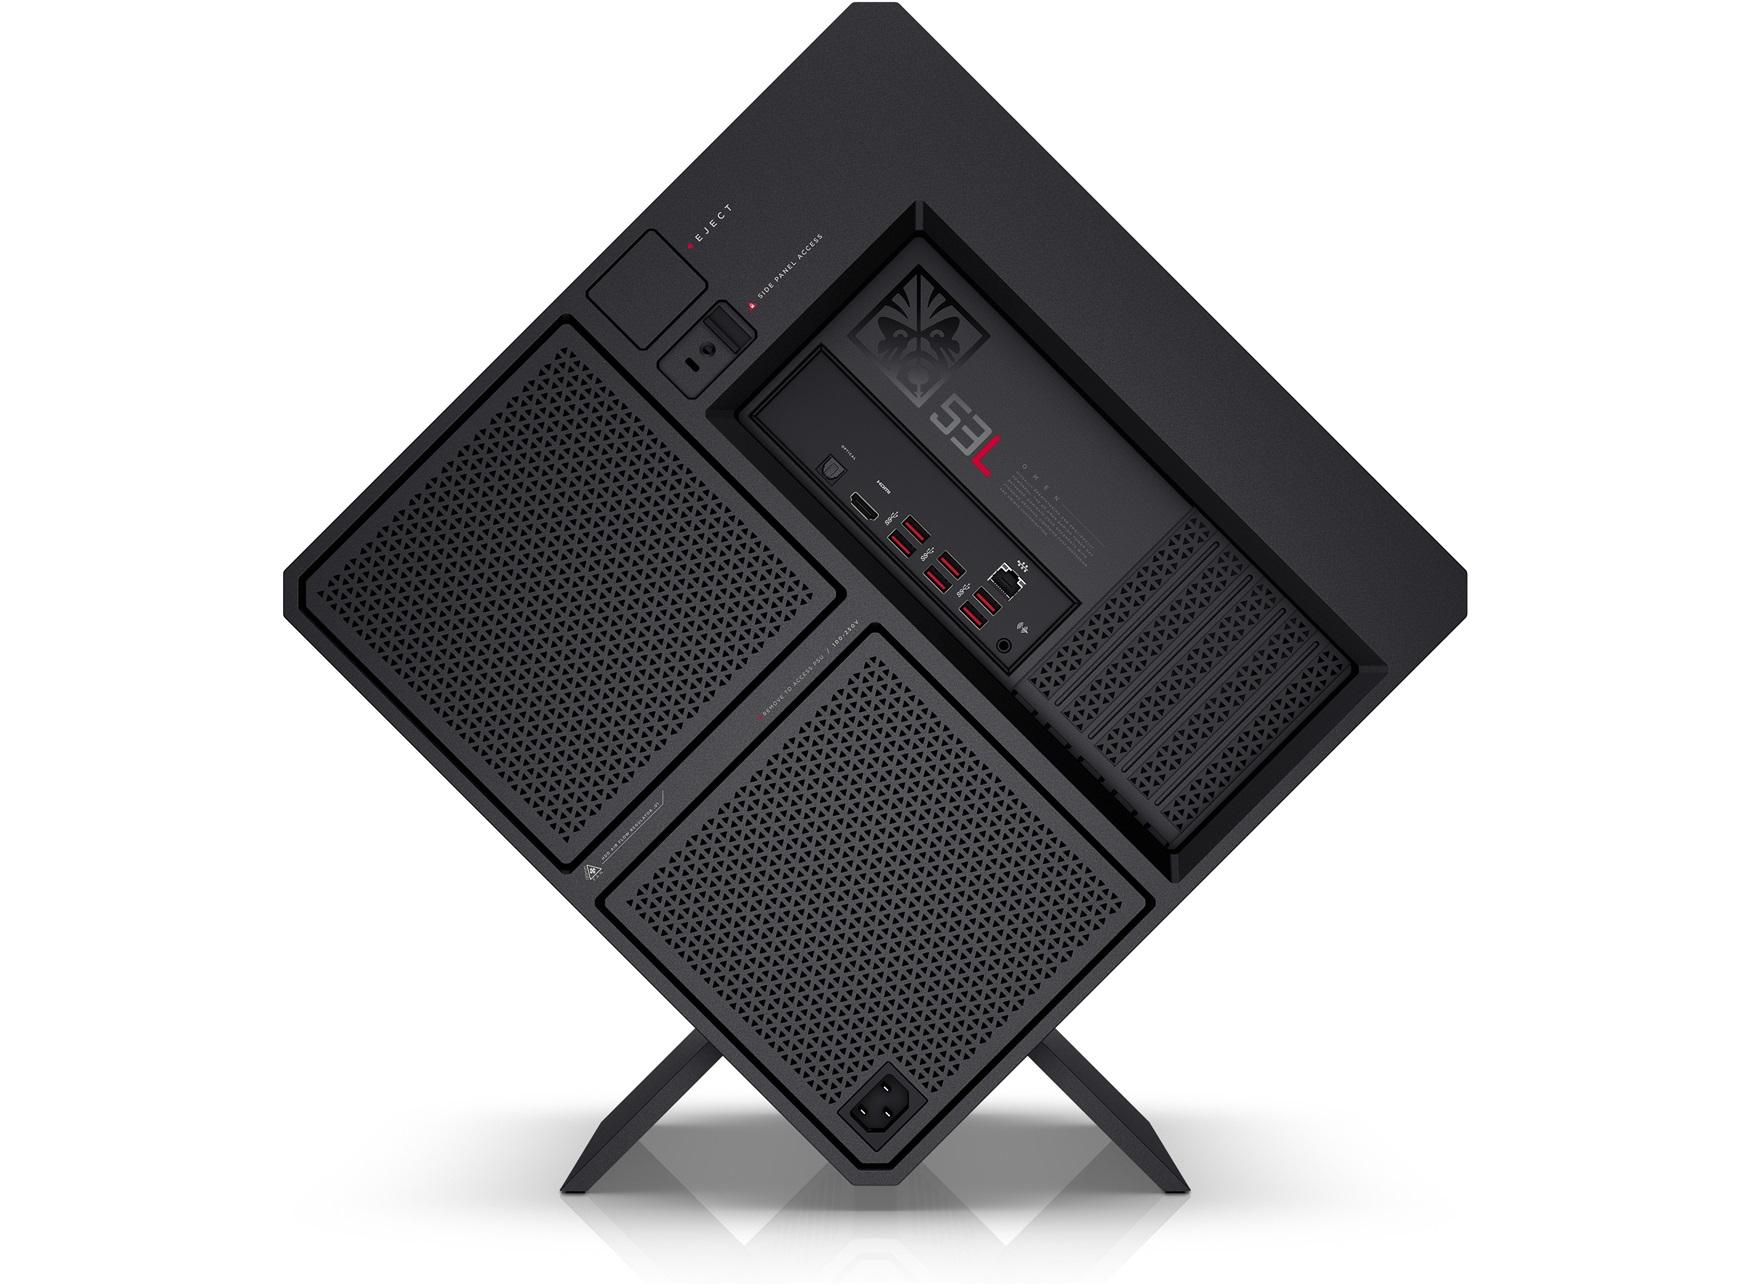 HP OMEN 900-006ns 4GHz i7-6700K Scrivania Nero, Rosso PC